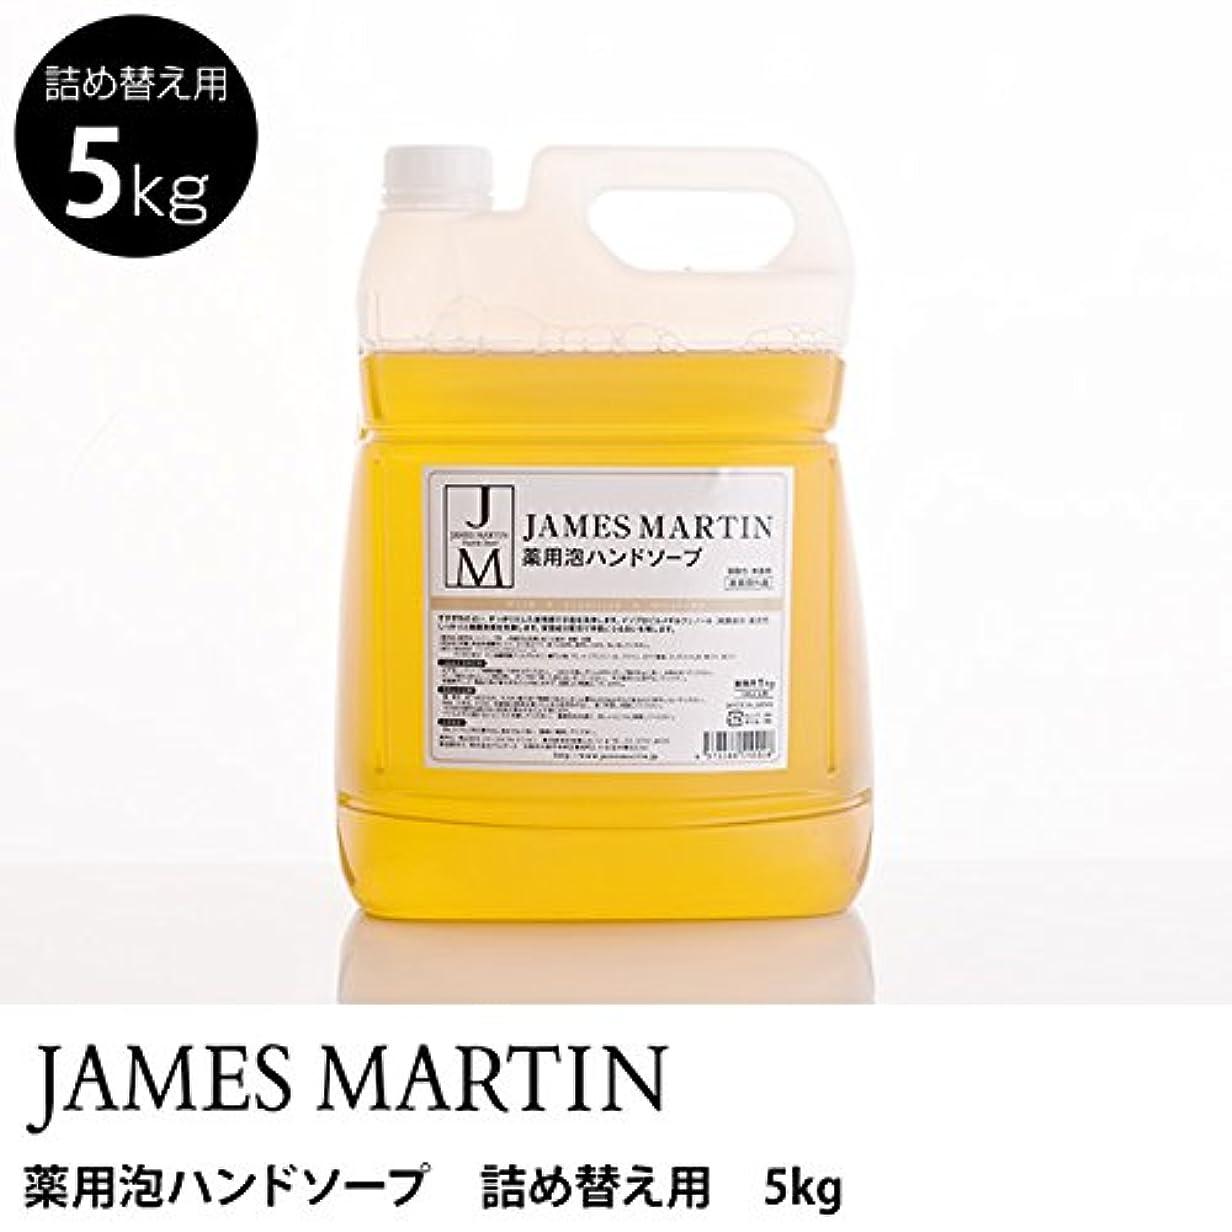 カップ猟犬砂のジェームズマーティン 薬用泡ハンドソープ(無香料) 詰替用 5kg